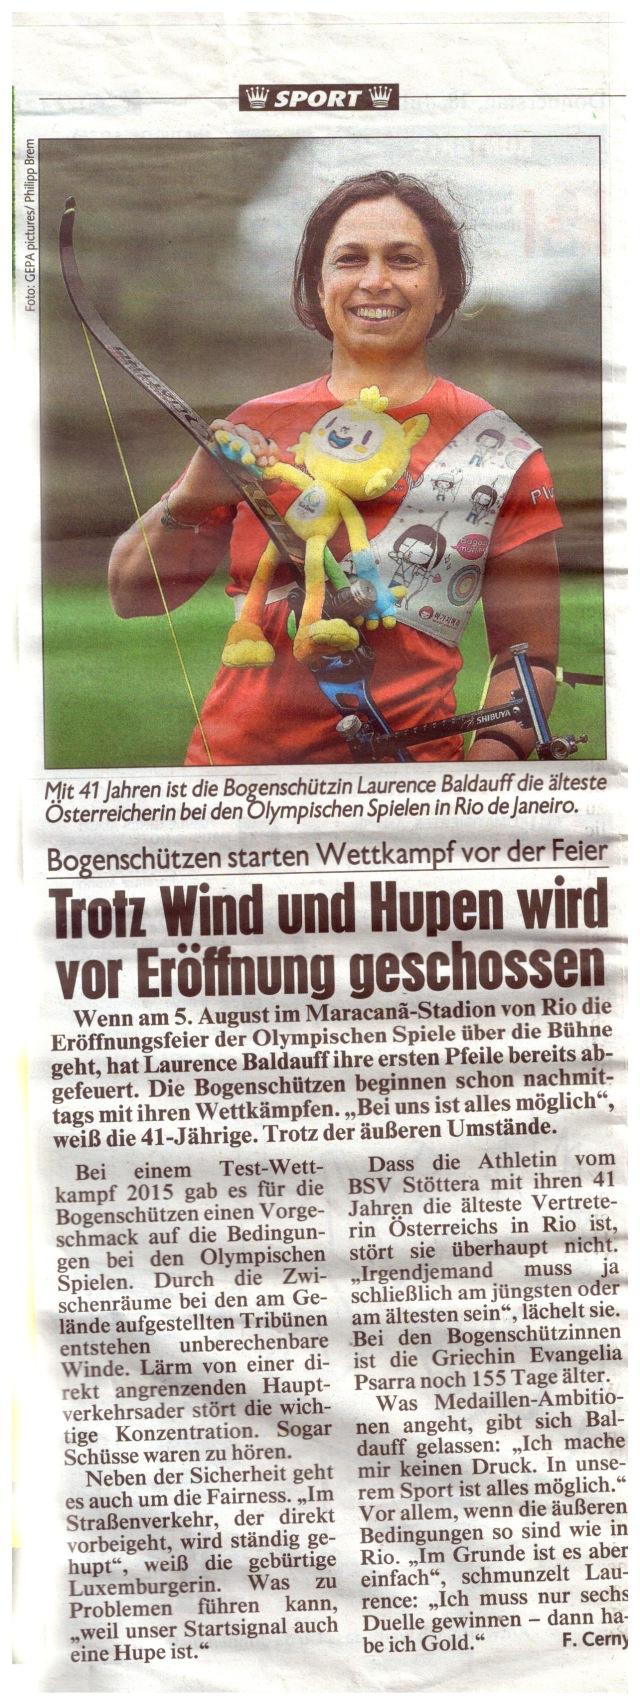 Bravo Laurence Baldauff! Shoot Straight in Rio! Quelle Kronen Zeitung